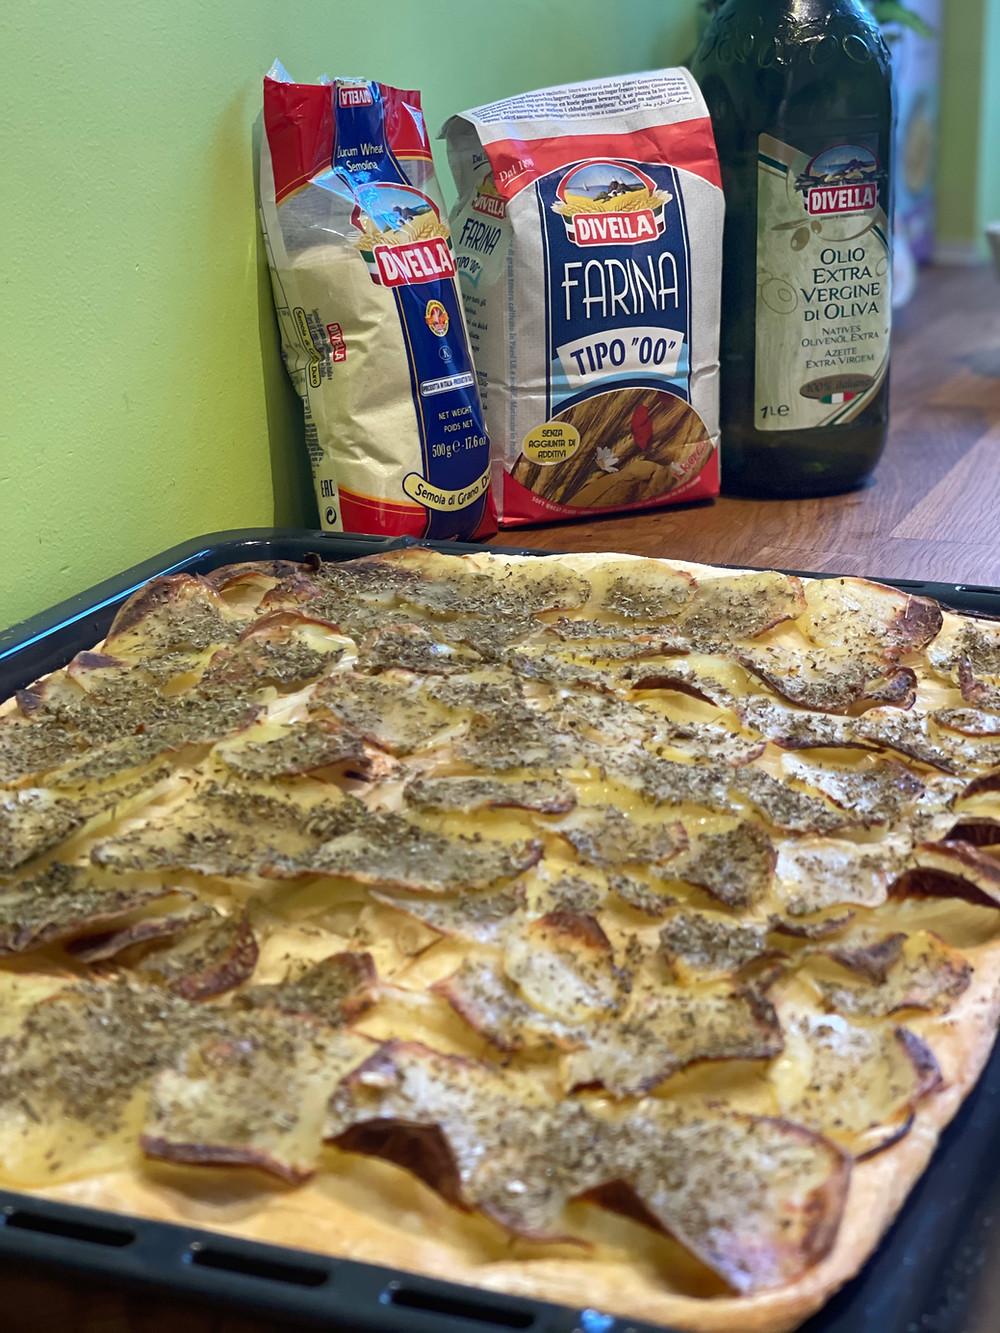 Seloule de blé dur Divella, Farine 00 Divella, Huile d'olive Divella, patates, oignons, Pizza